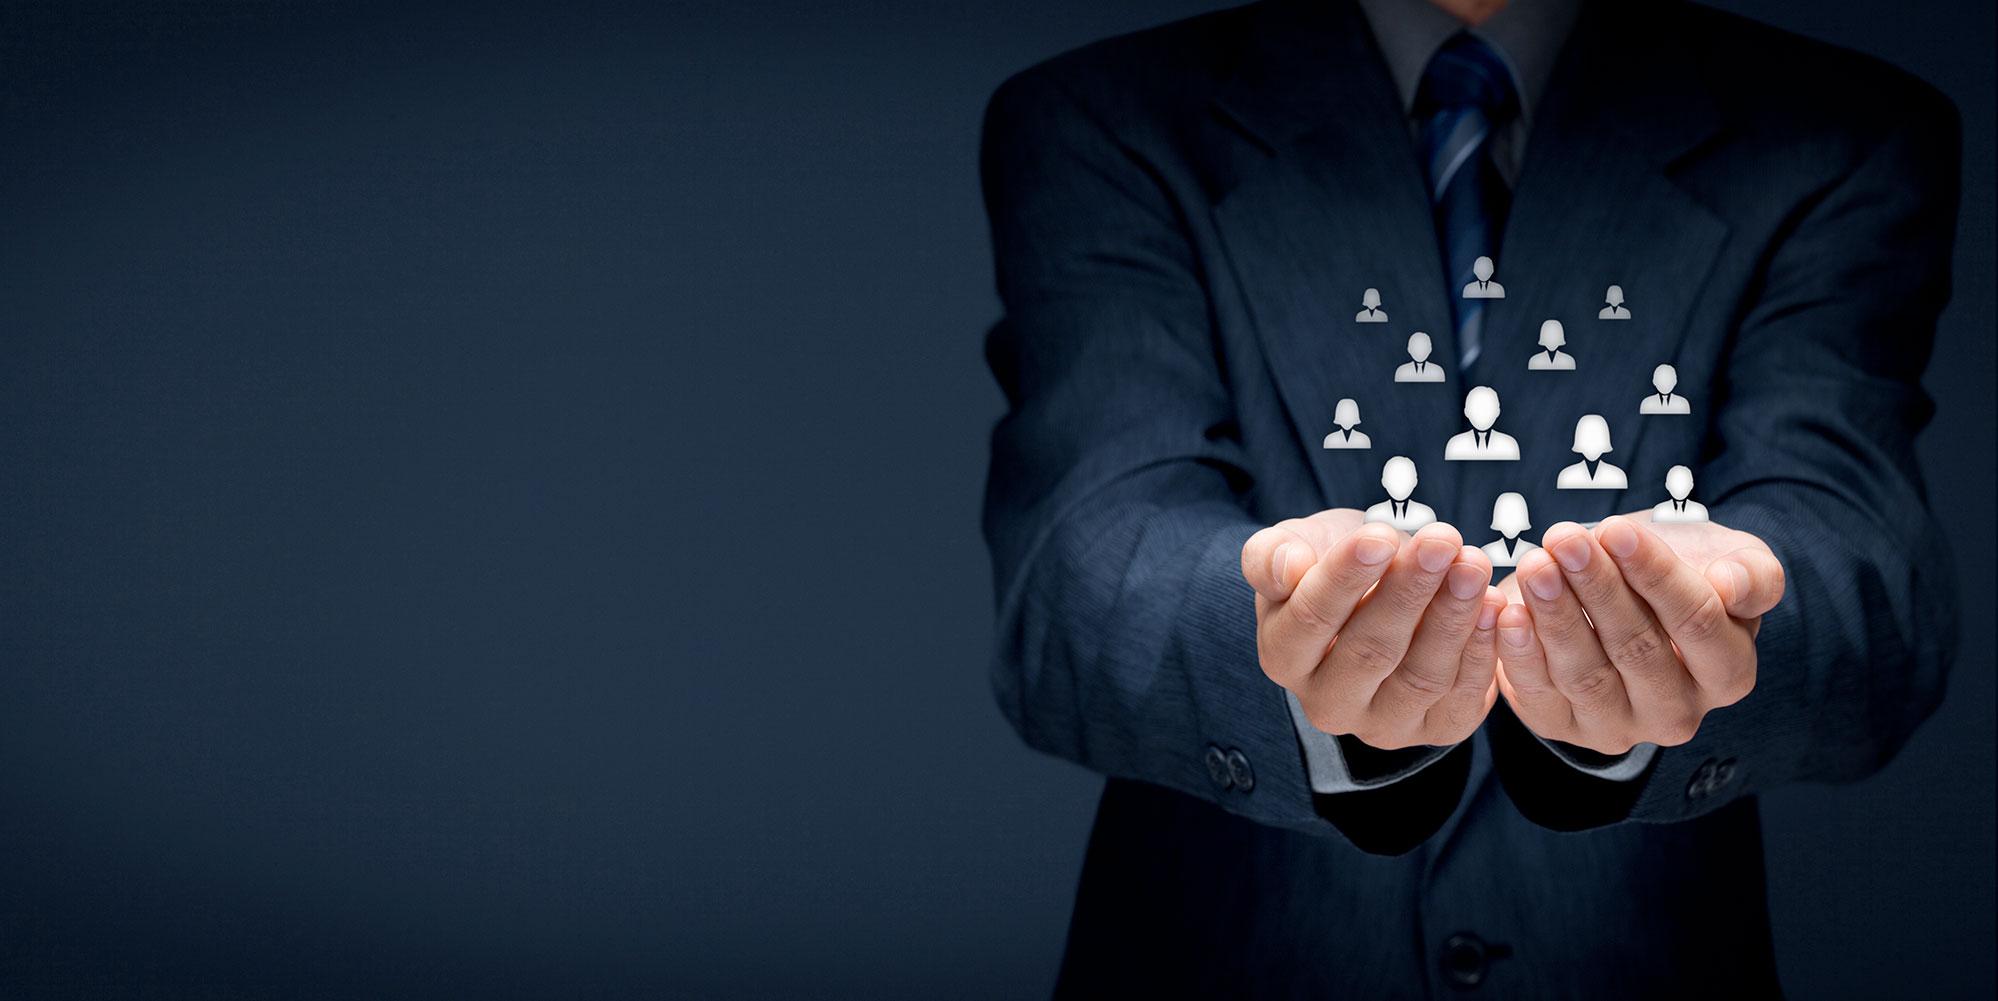 Softer - gestione del personale a Como